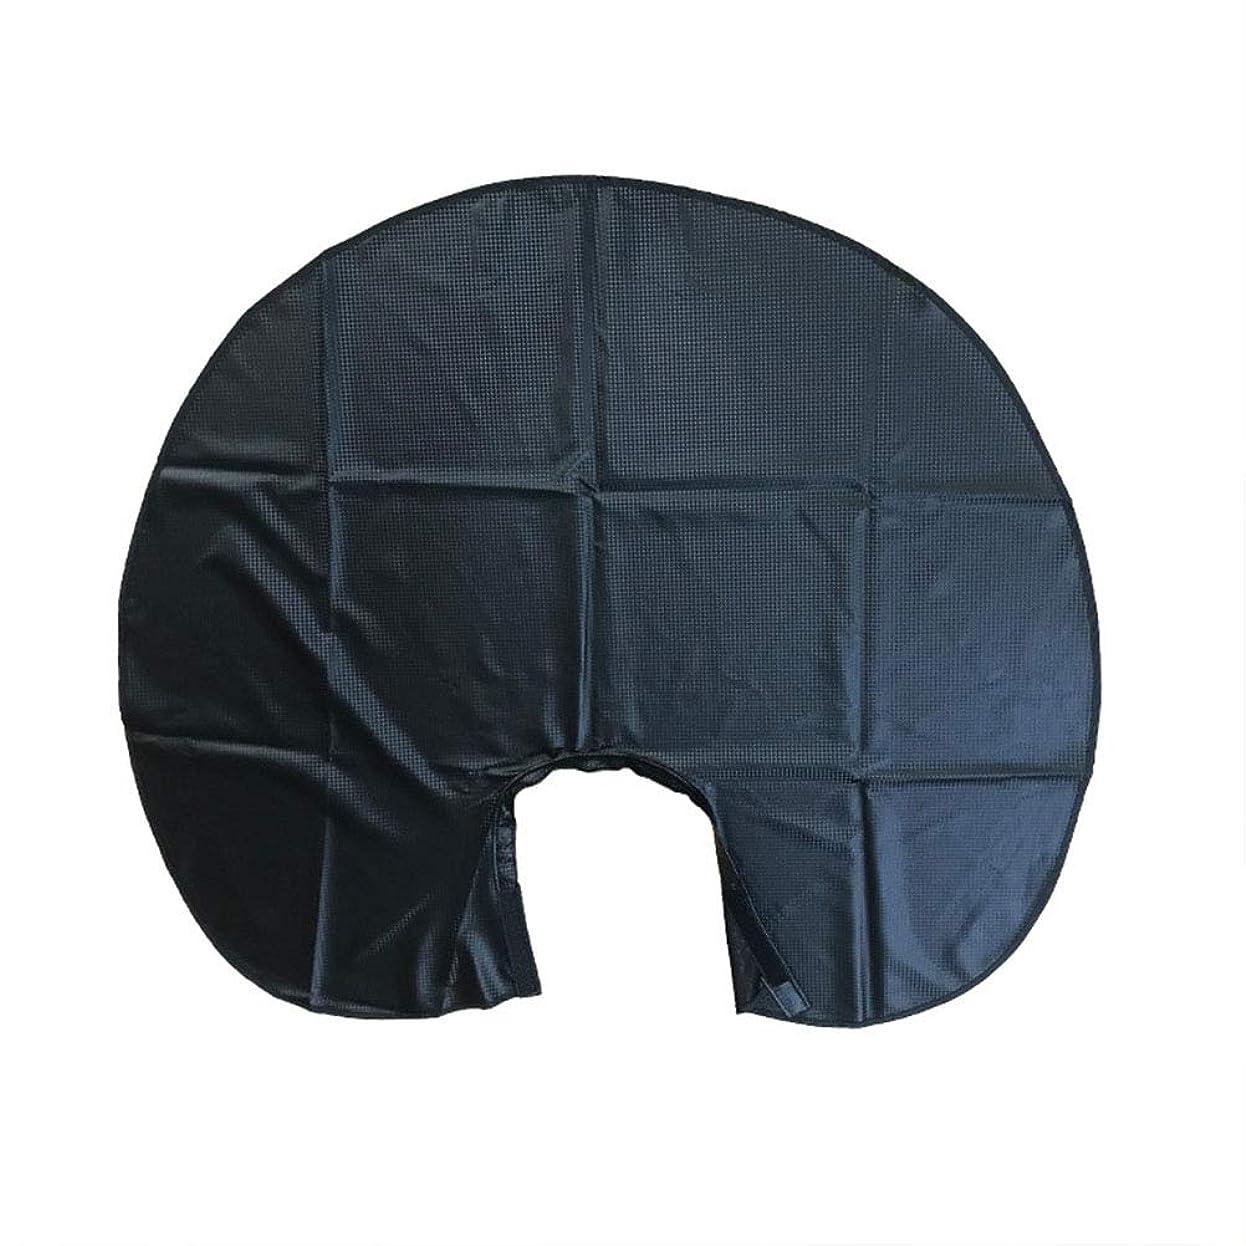 アンティーク委託準拠Beaupretty 1ピースヘアサロン切断エプロン防水ショートヘアケープケープ理髪店のドレス用理髪スタイリング